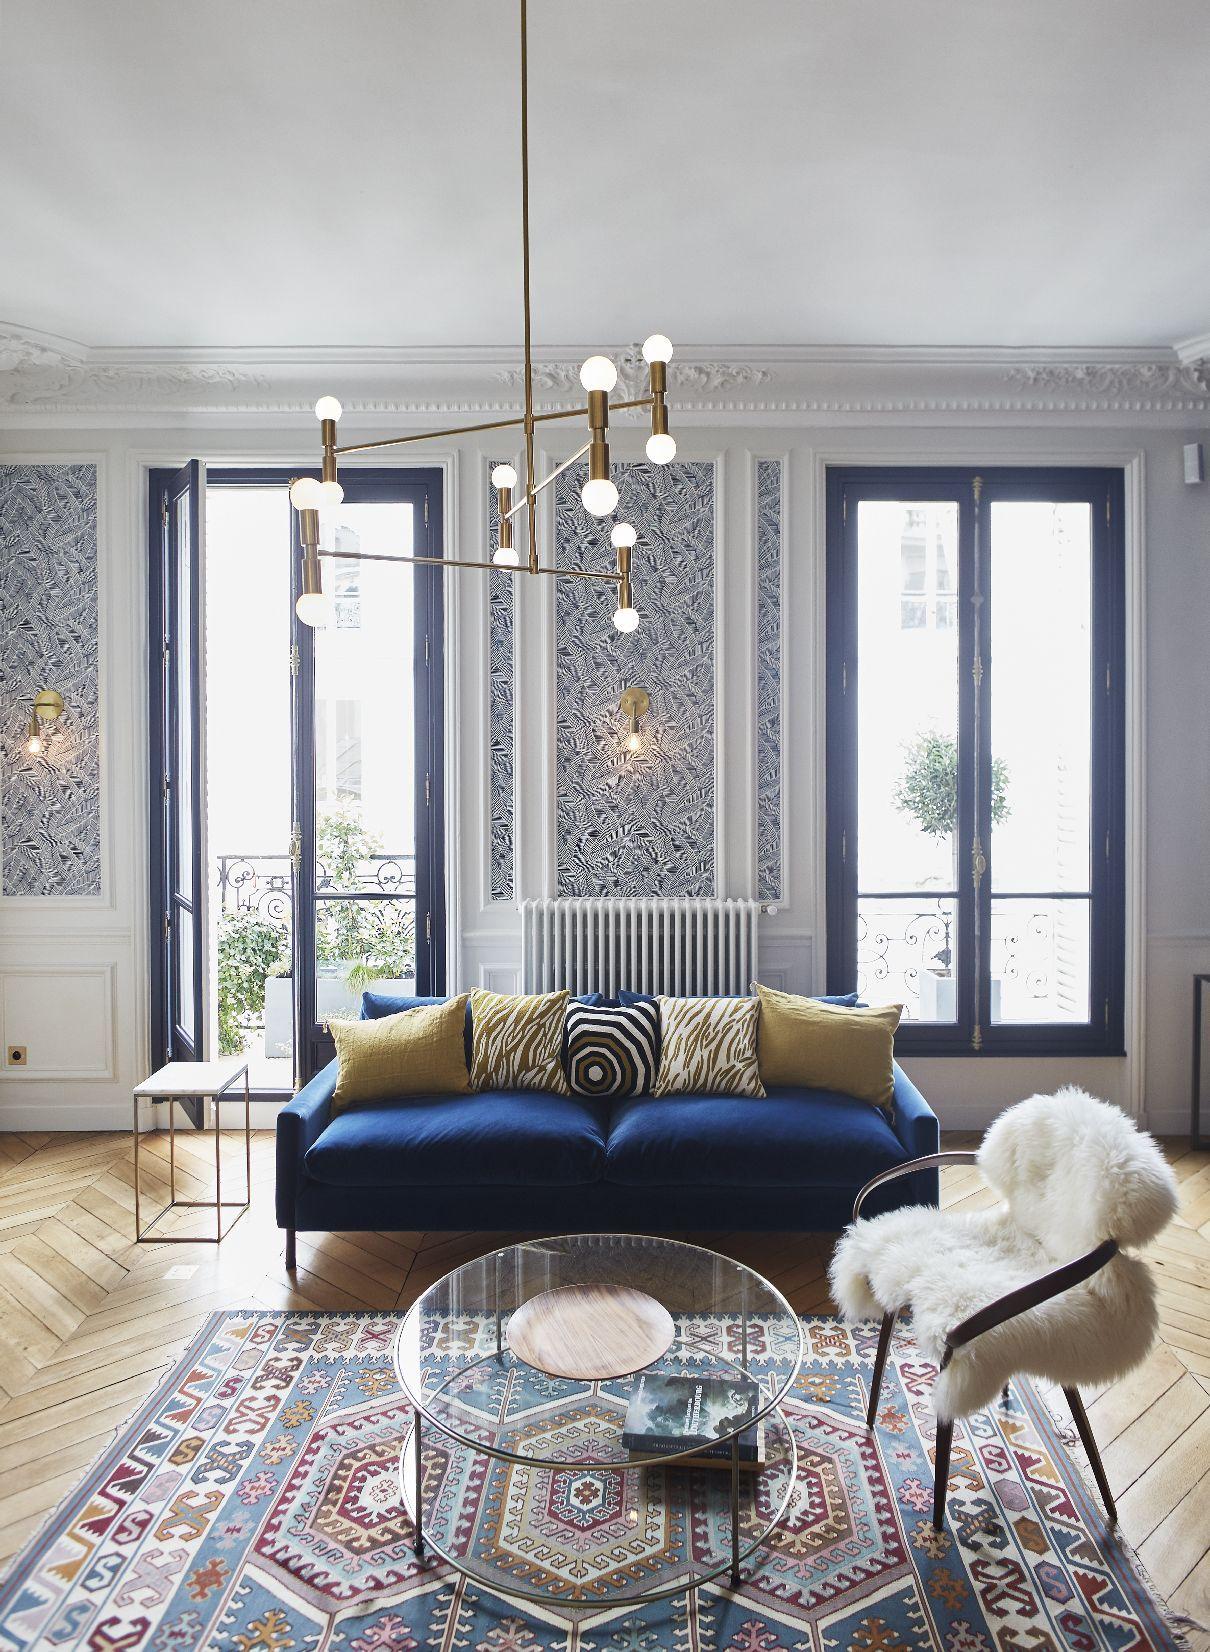 Séjour appartement parisien de 150m2 gcg architectes living space